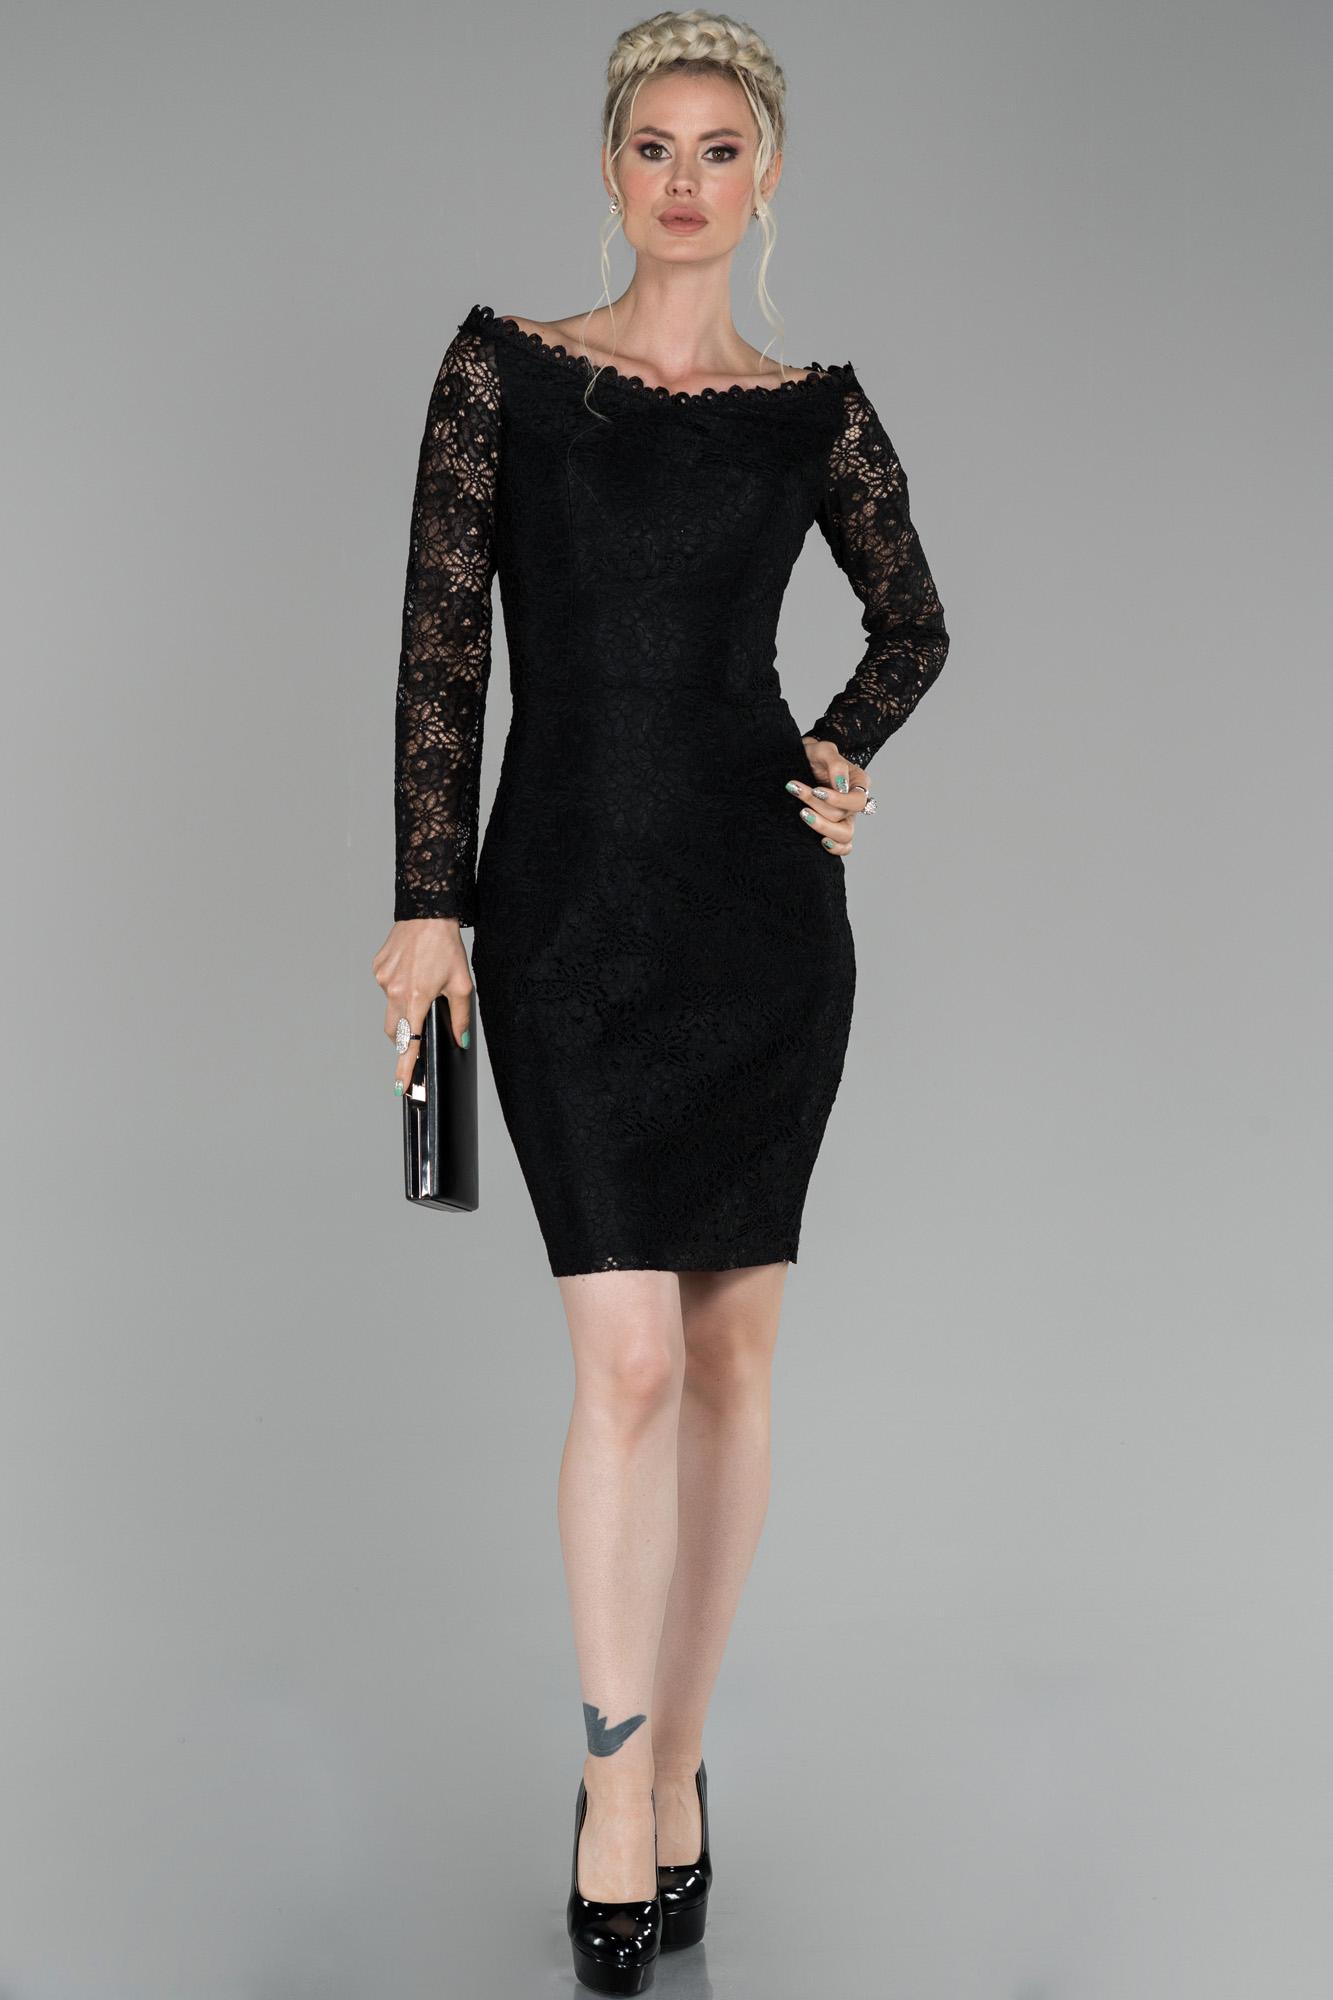 Siyah Kısa Kayık Yaka Güpürlü Davet Elbisesi